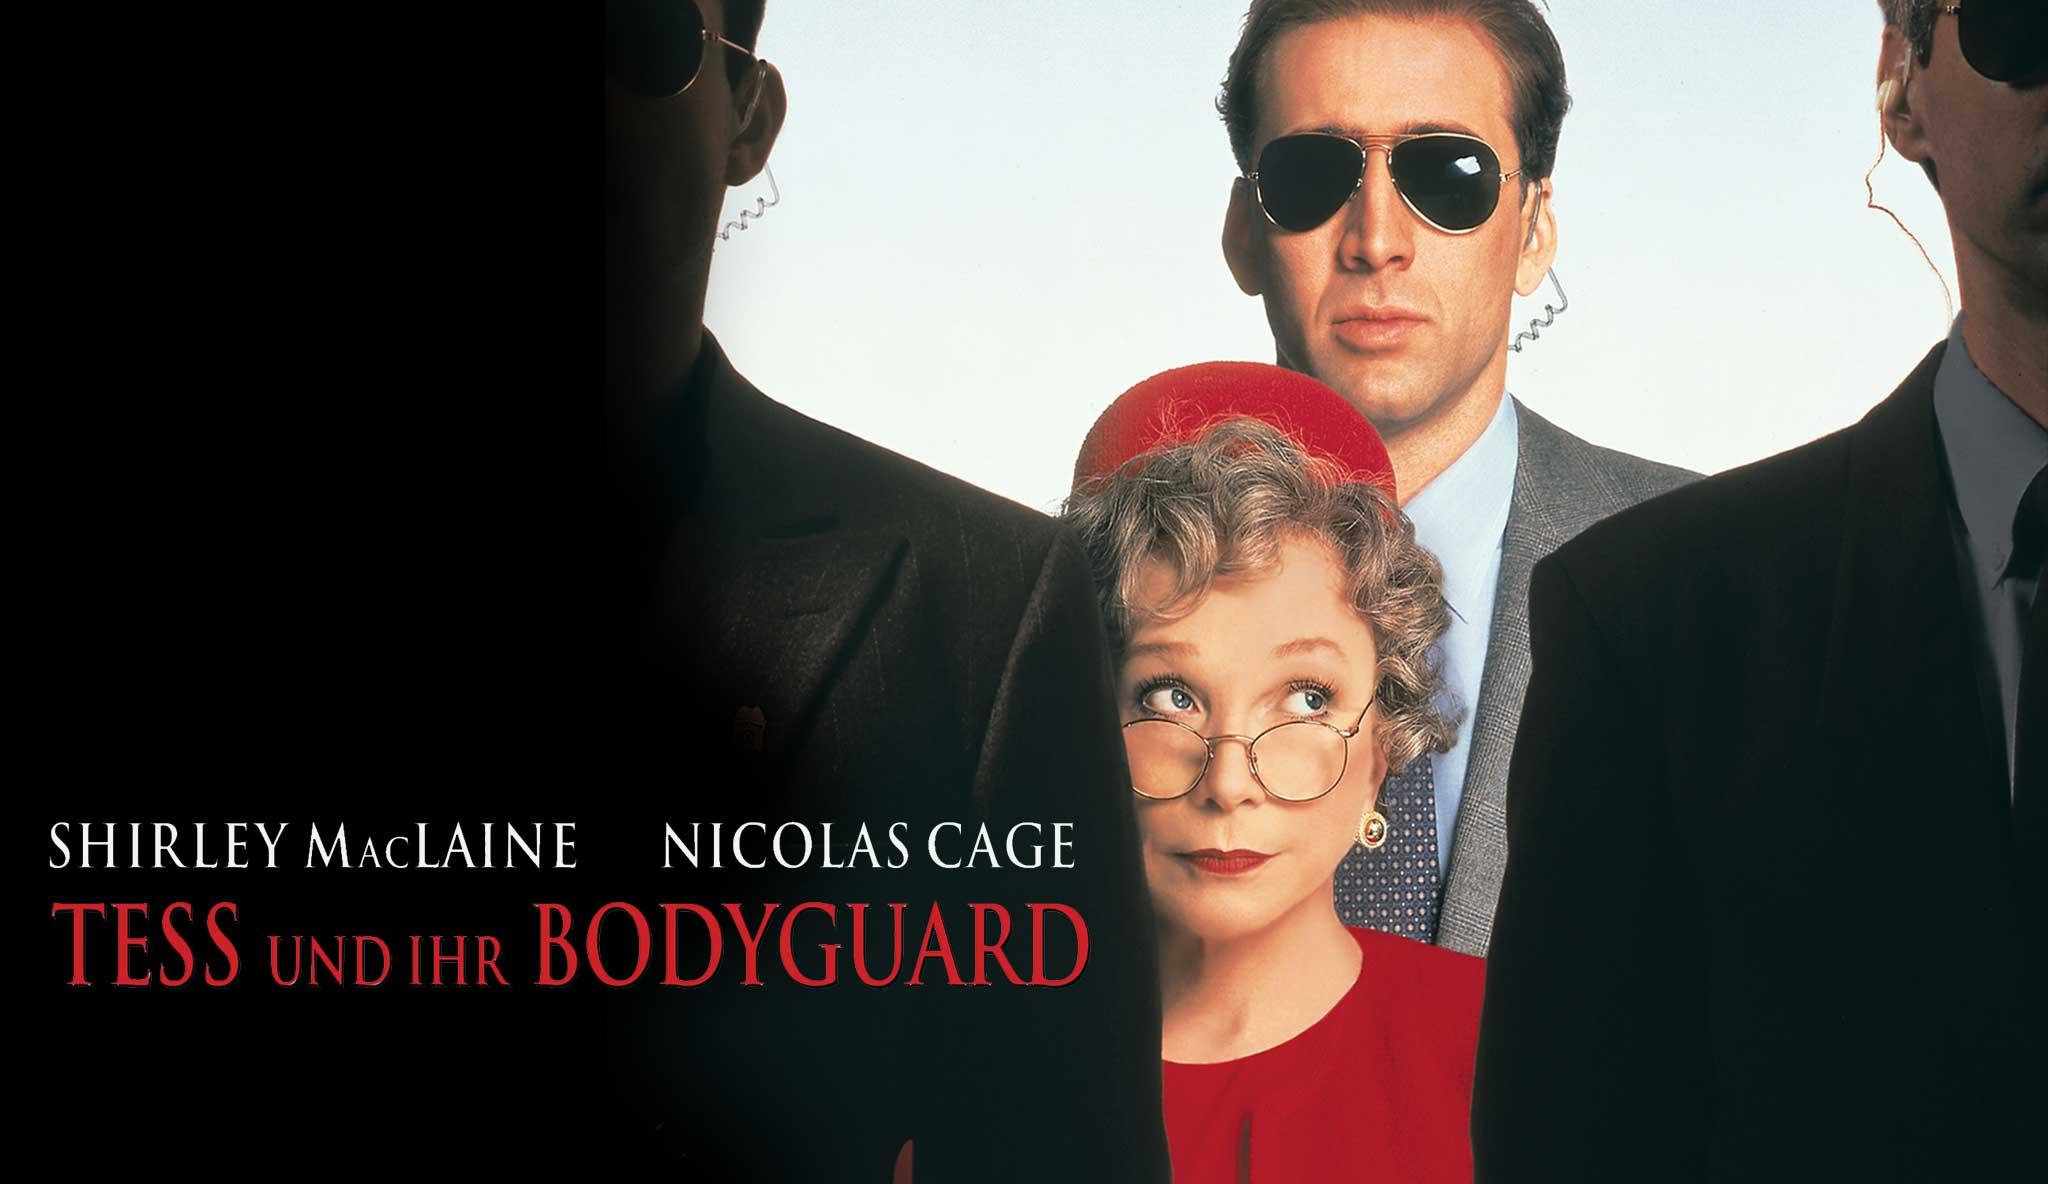 tess-und-ihr-bodyguard\header.jpg